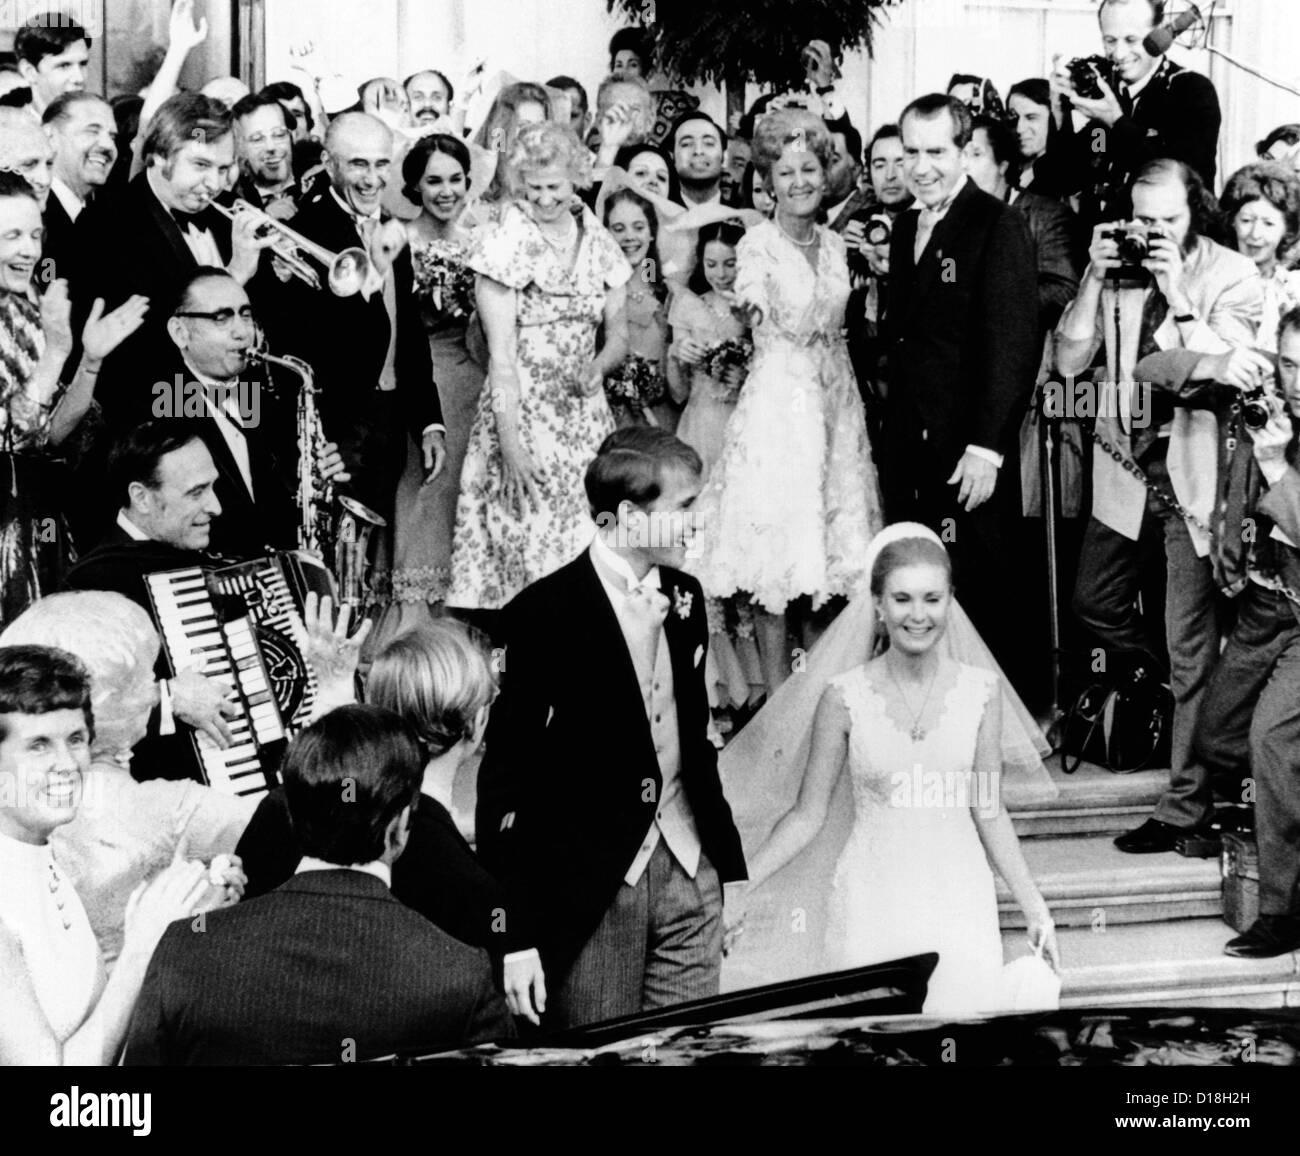 Tricia Nixon Wedding: Newlyweds, Edward And Tricia Nixon Cox Leave The White